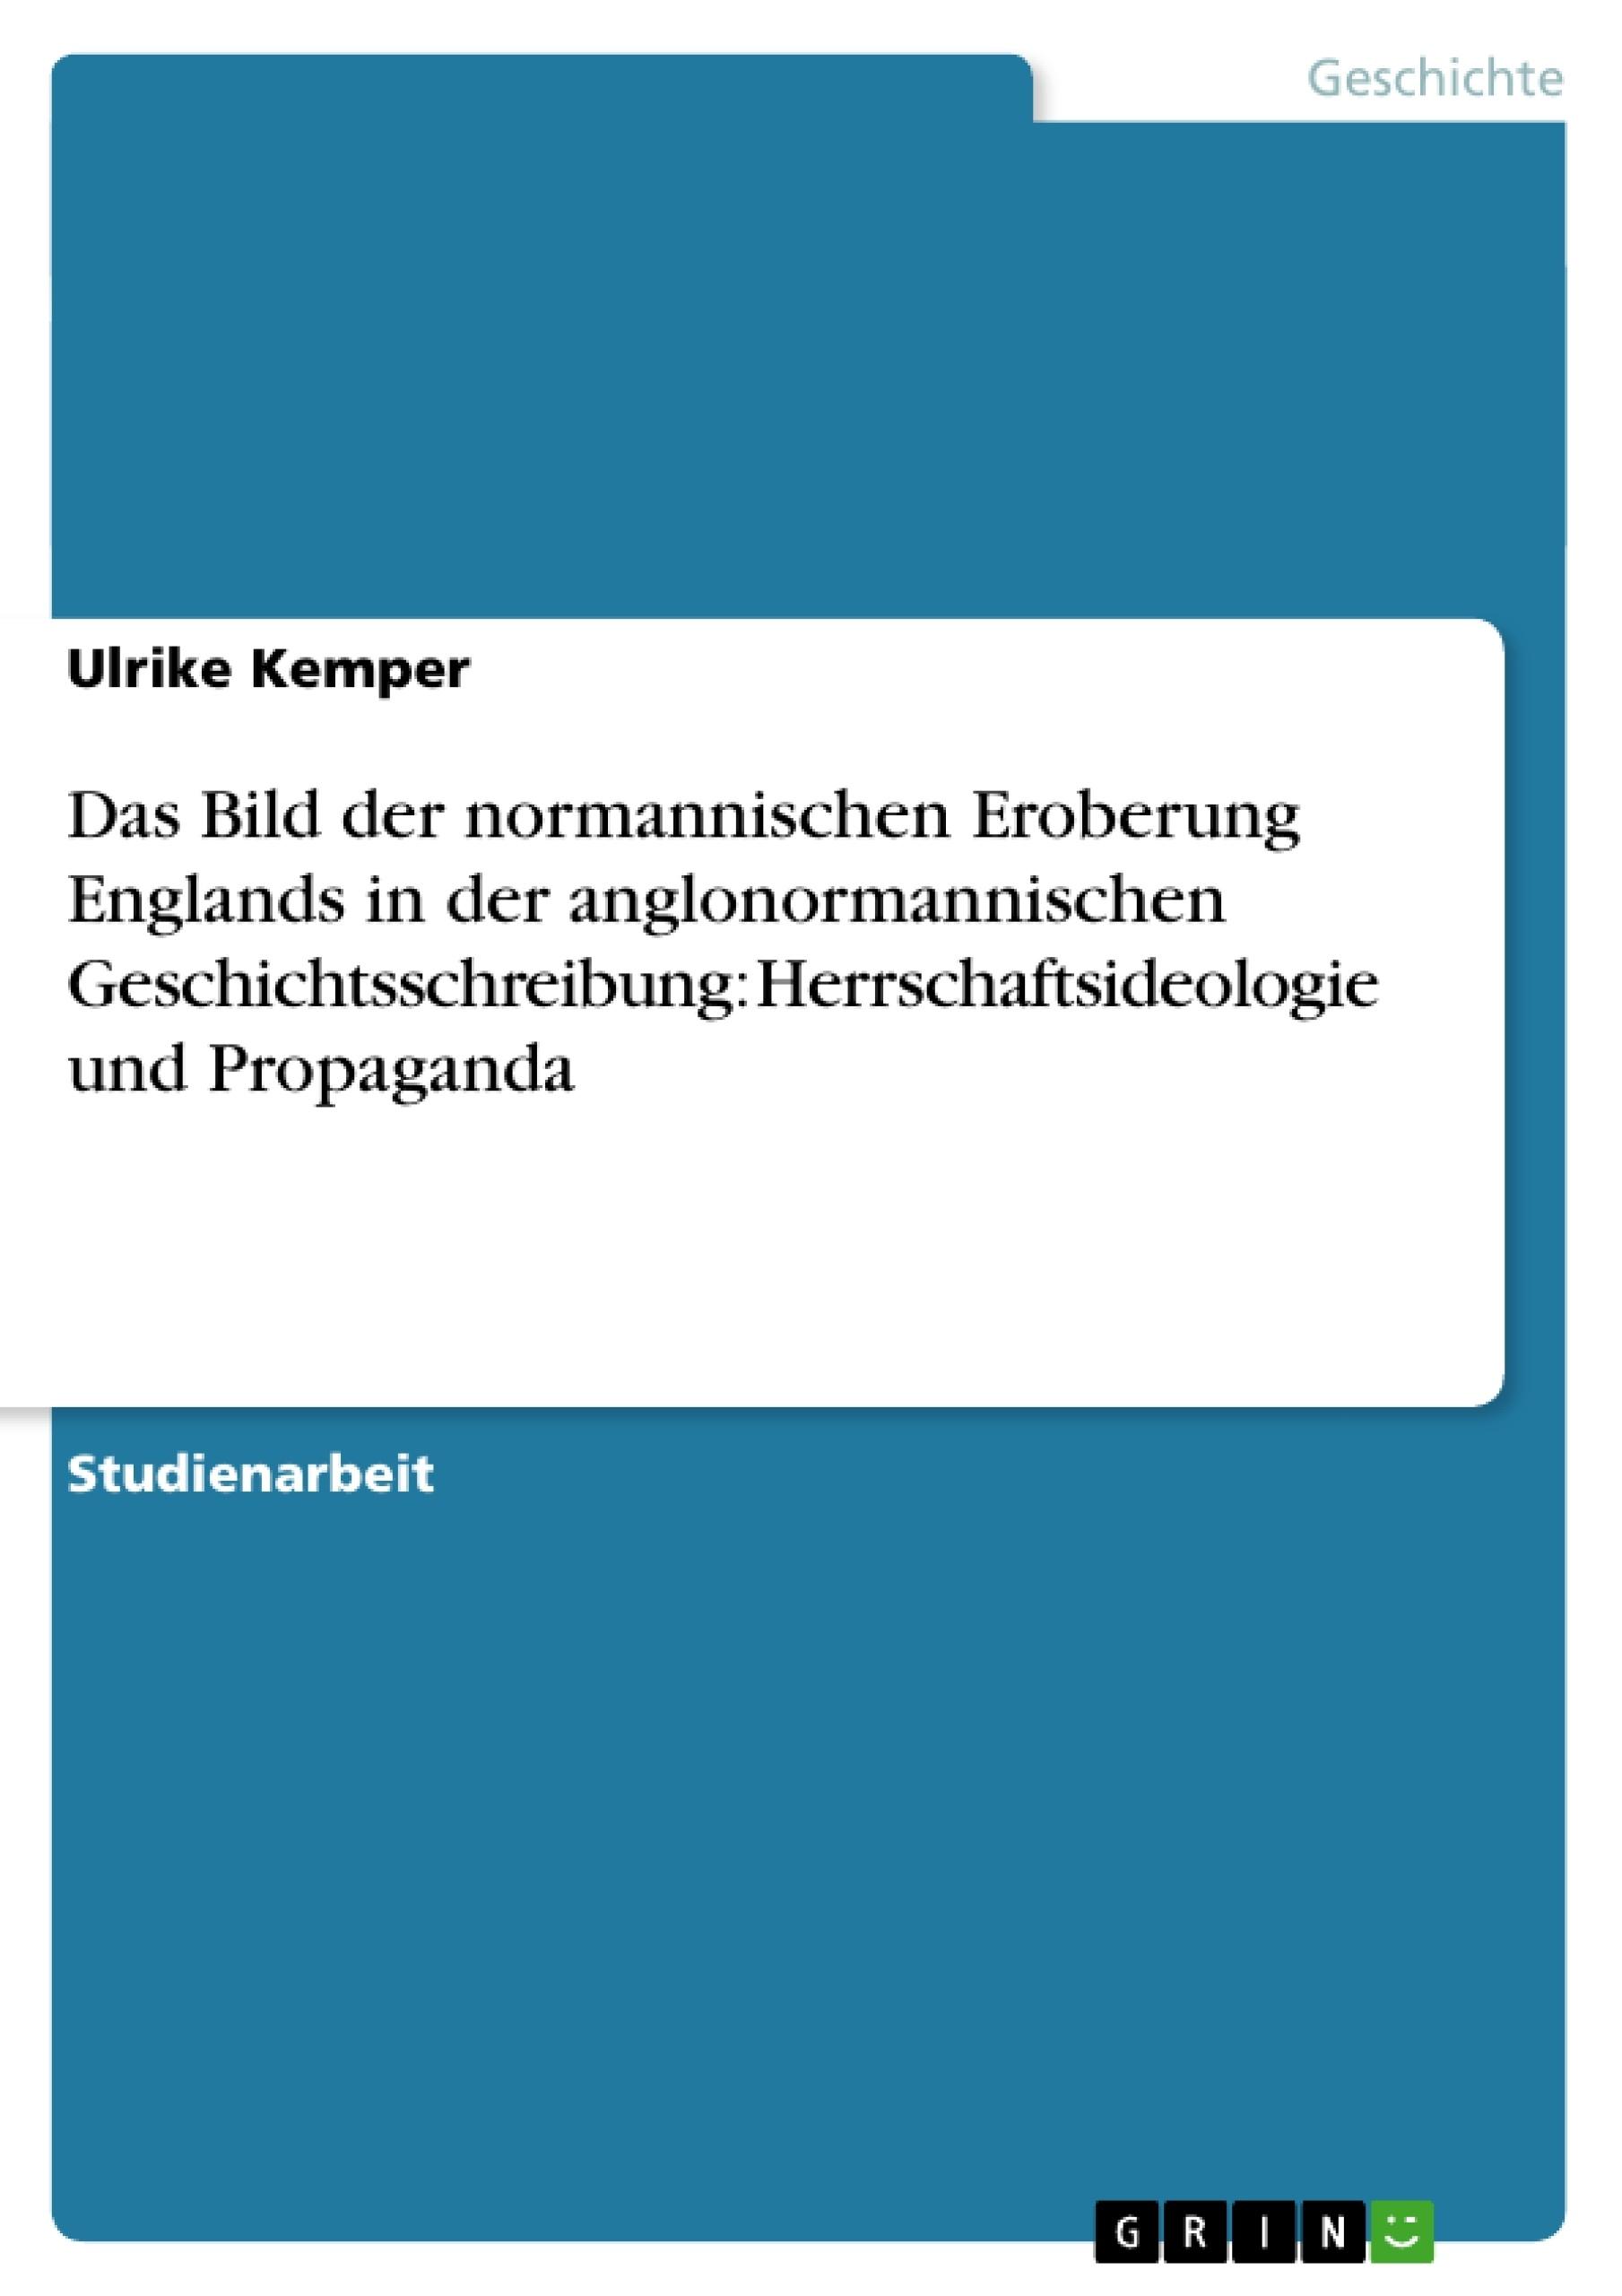 Titel: Das Bild der normannischen Eroberung Englands in der anglonormannischen Geschichtsschreibung: Herrschaftsideologie und Propaganda